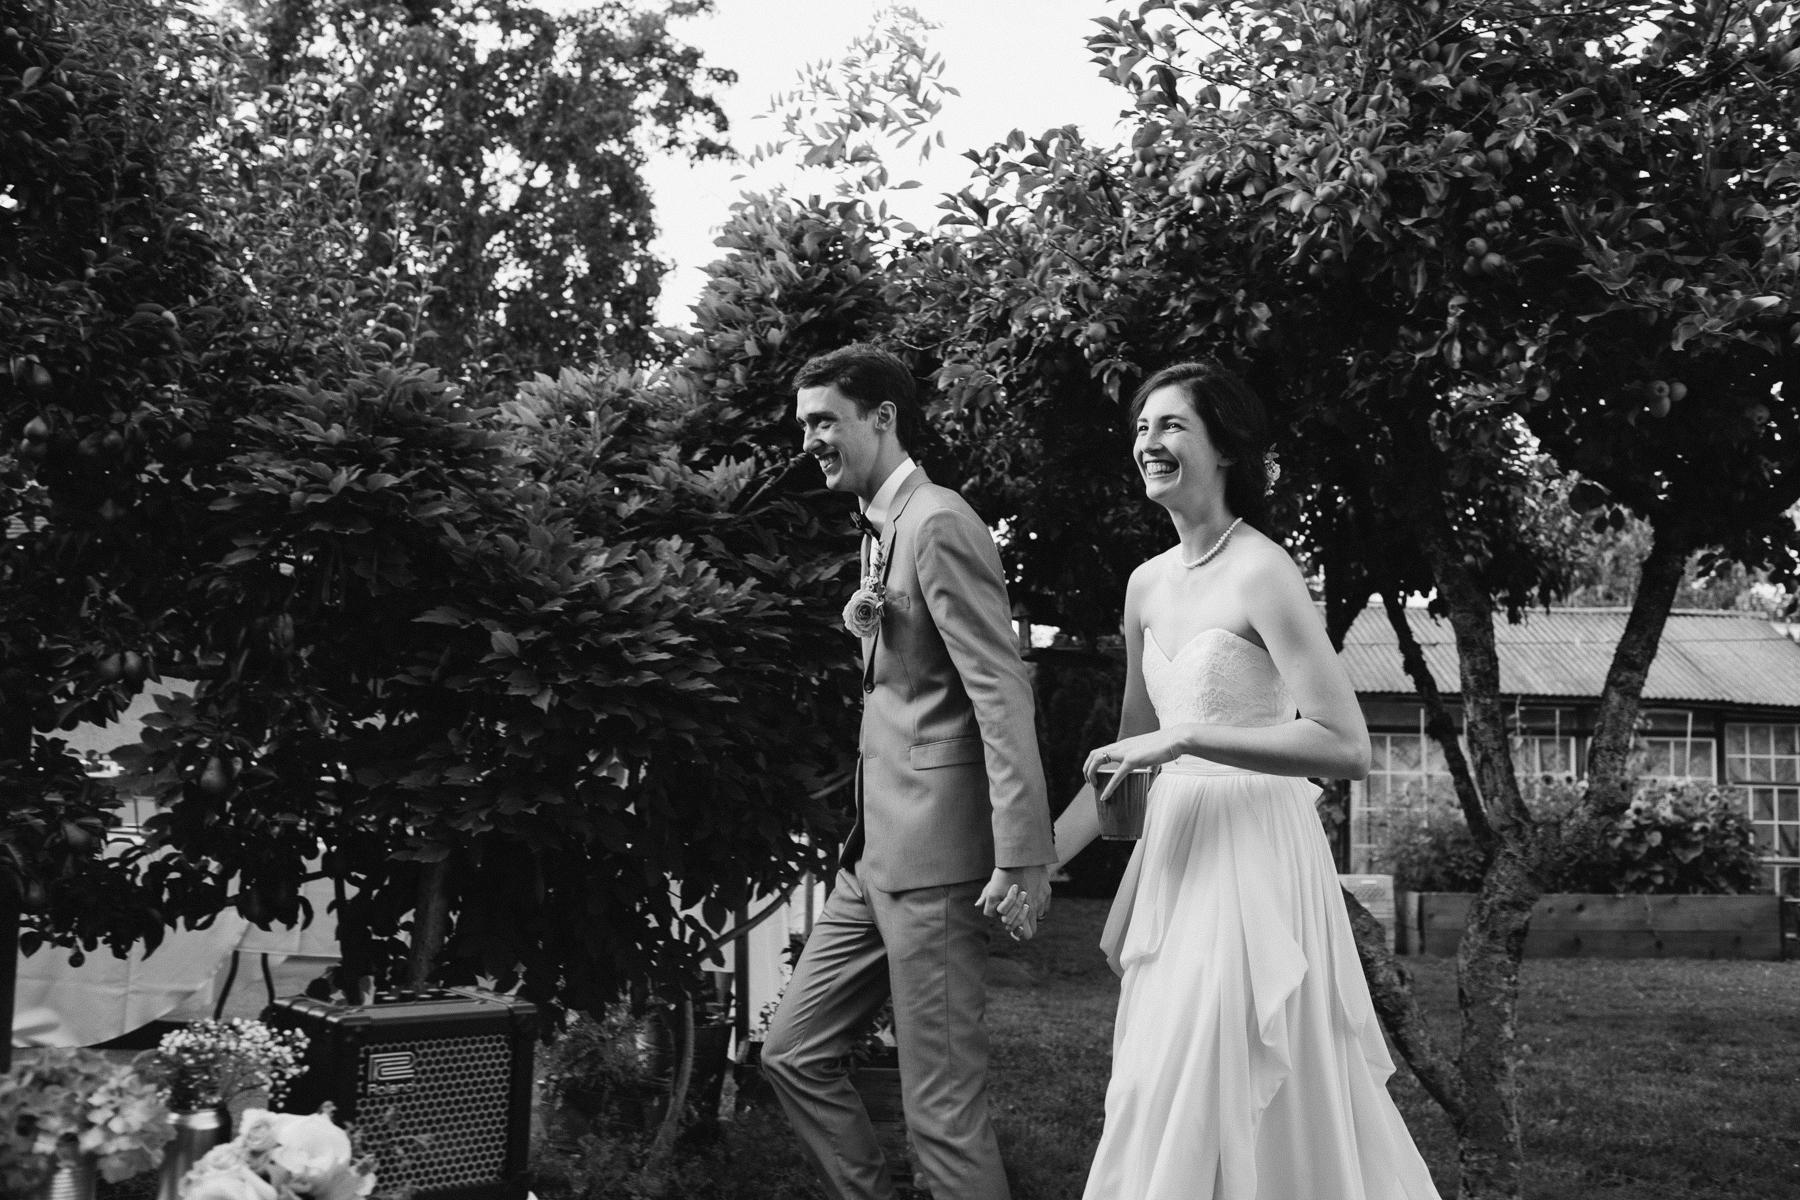 Vancouver-Rustic-Farm-Wedding-KB-150.jpg